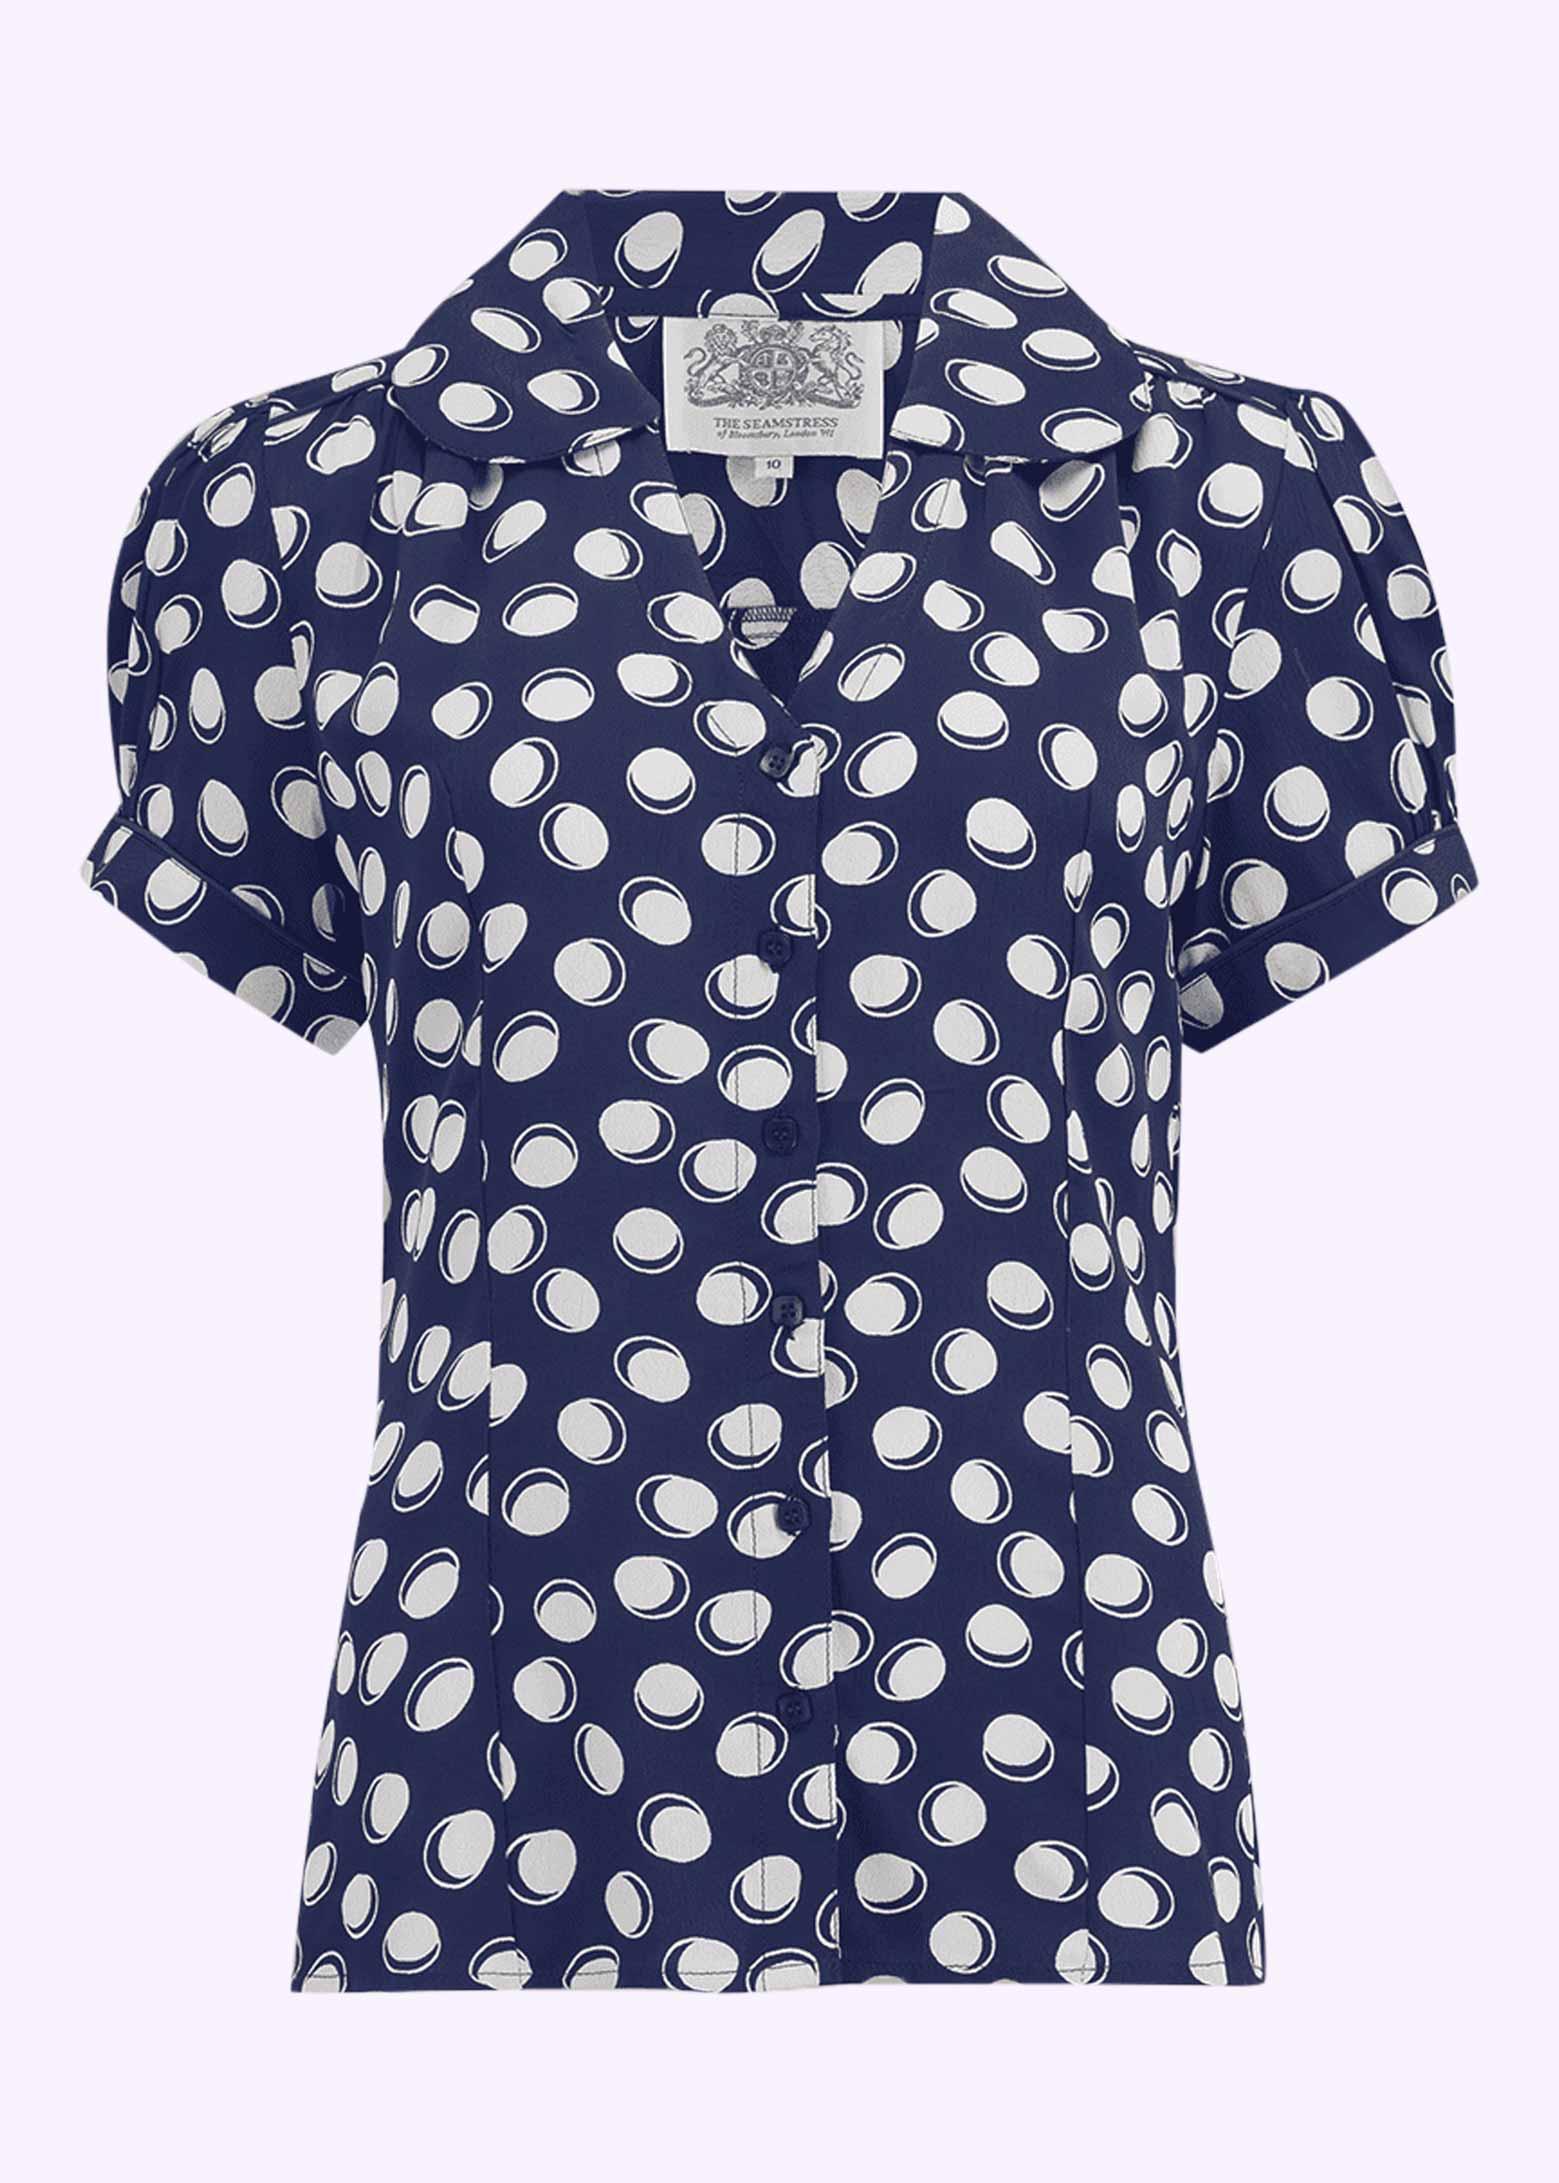 Navy blå vintage stil skjorte med prikker fra The Seamstress Of Bloomsbury